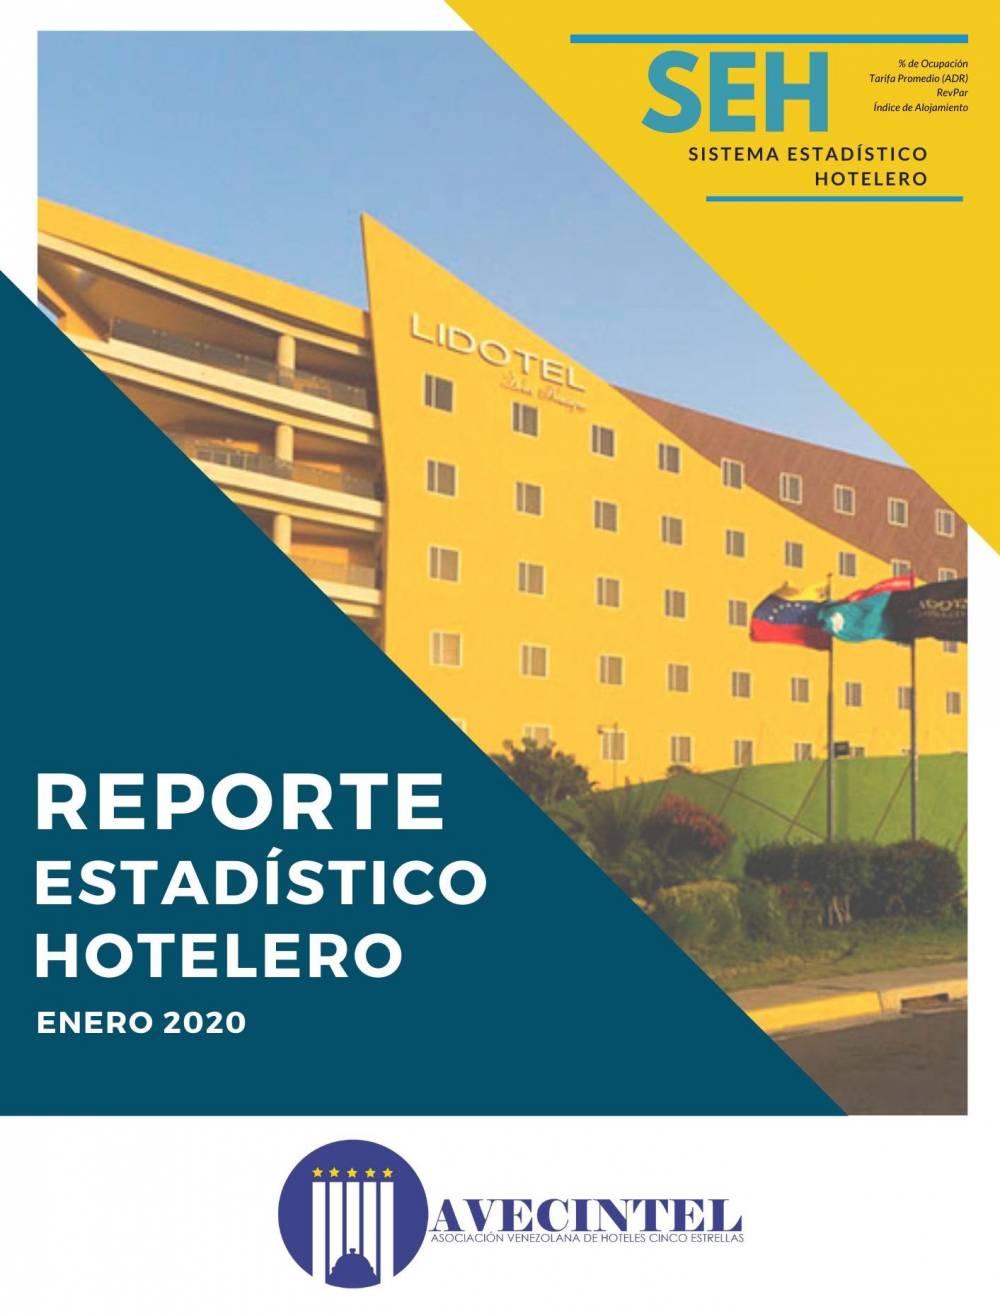 REPORTE ESTADÍSTICO HOTELERO DE AVECINTEL - ENERO DE 2020